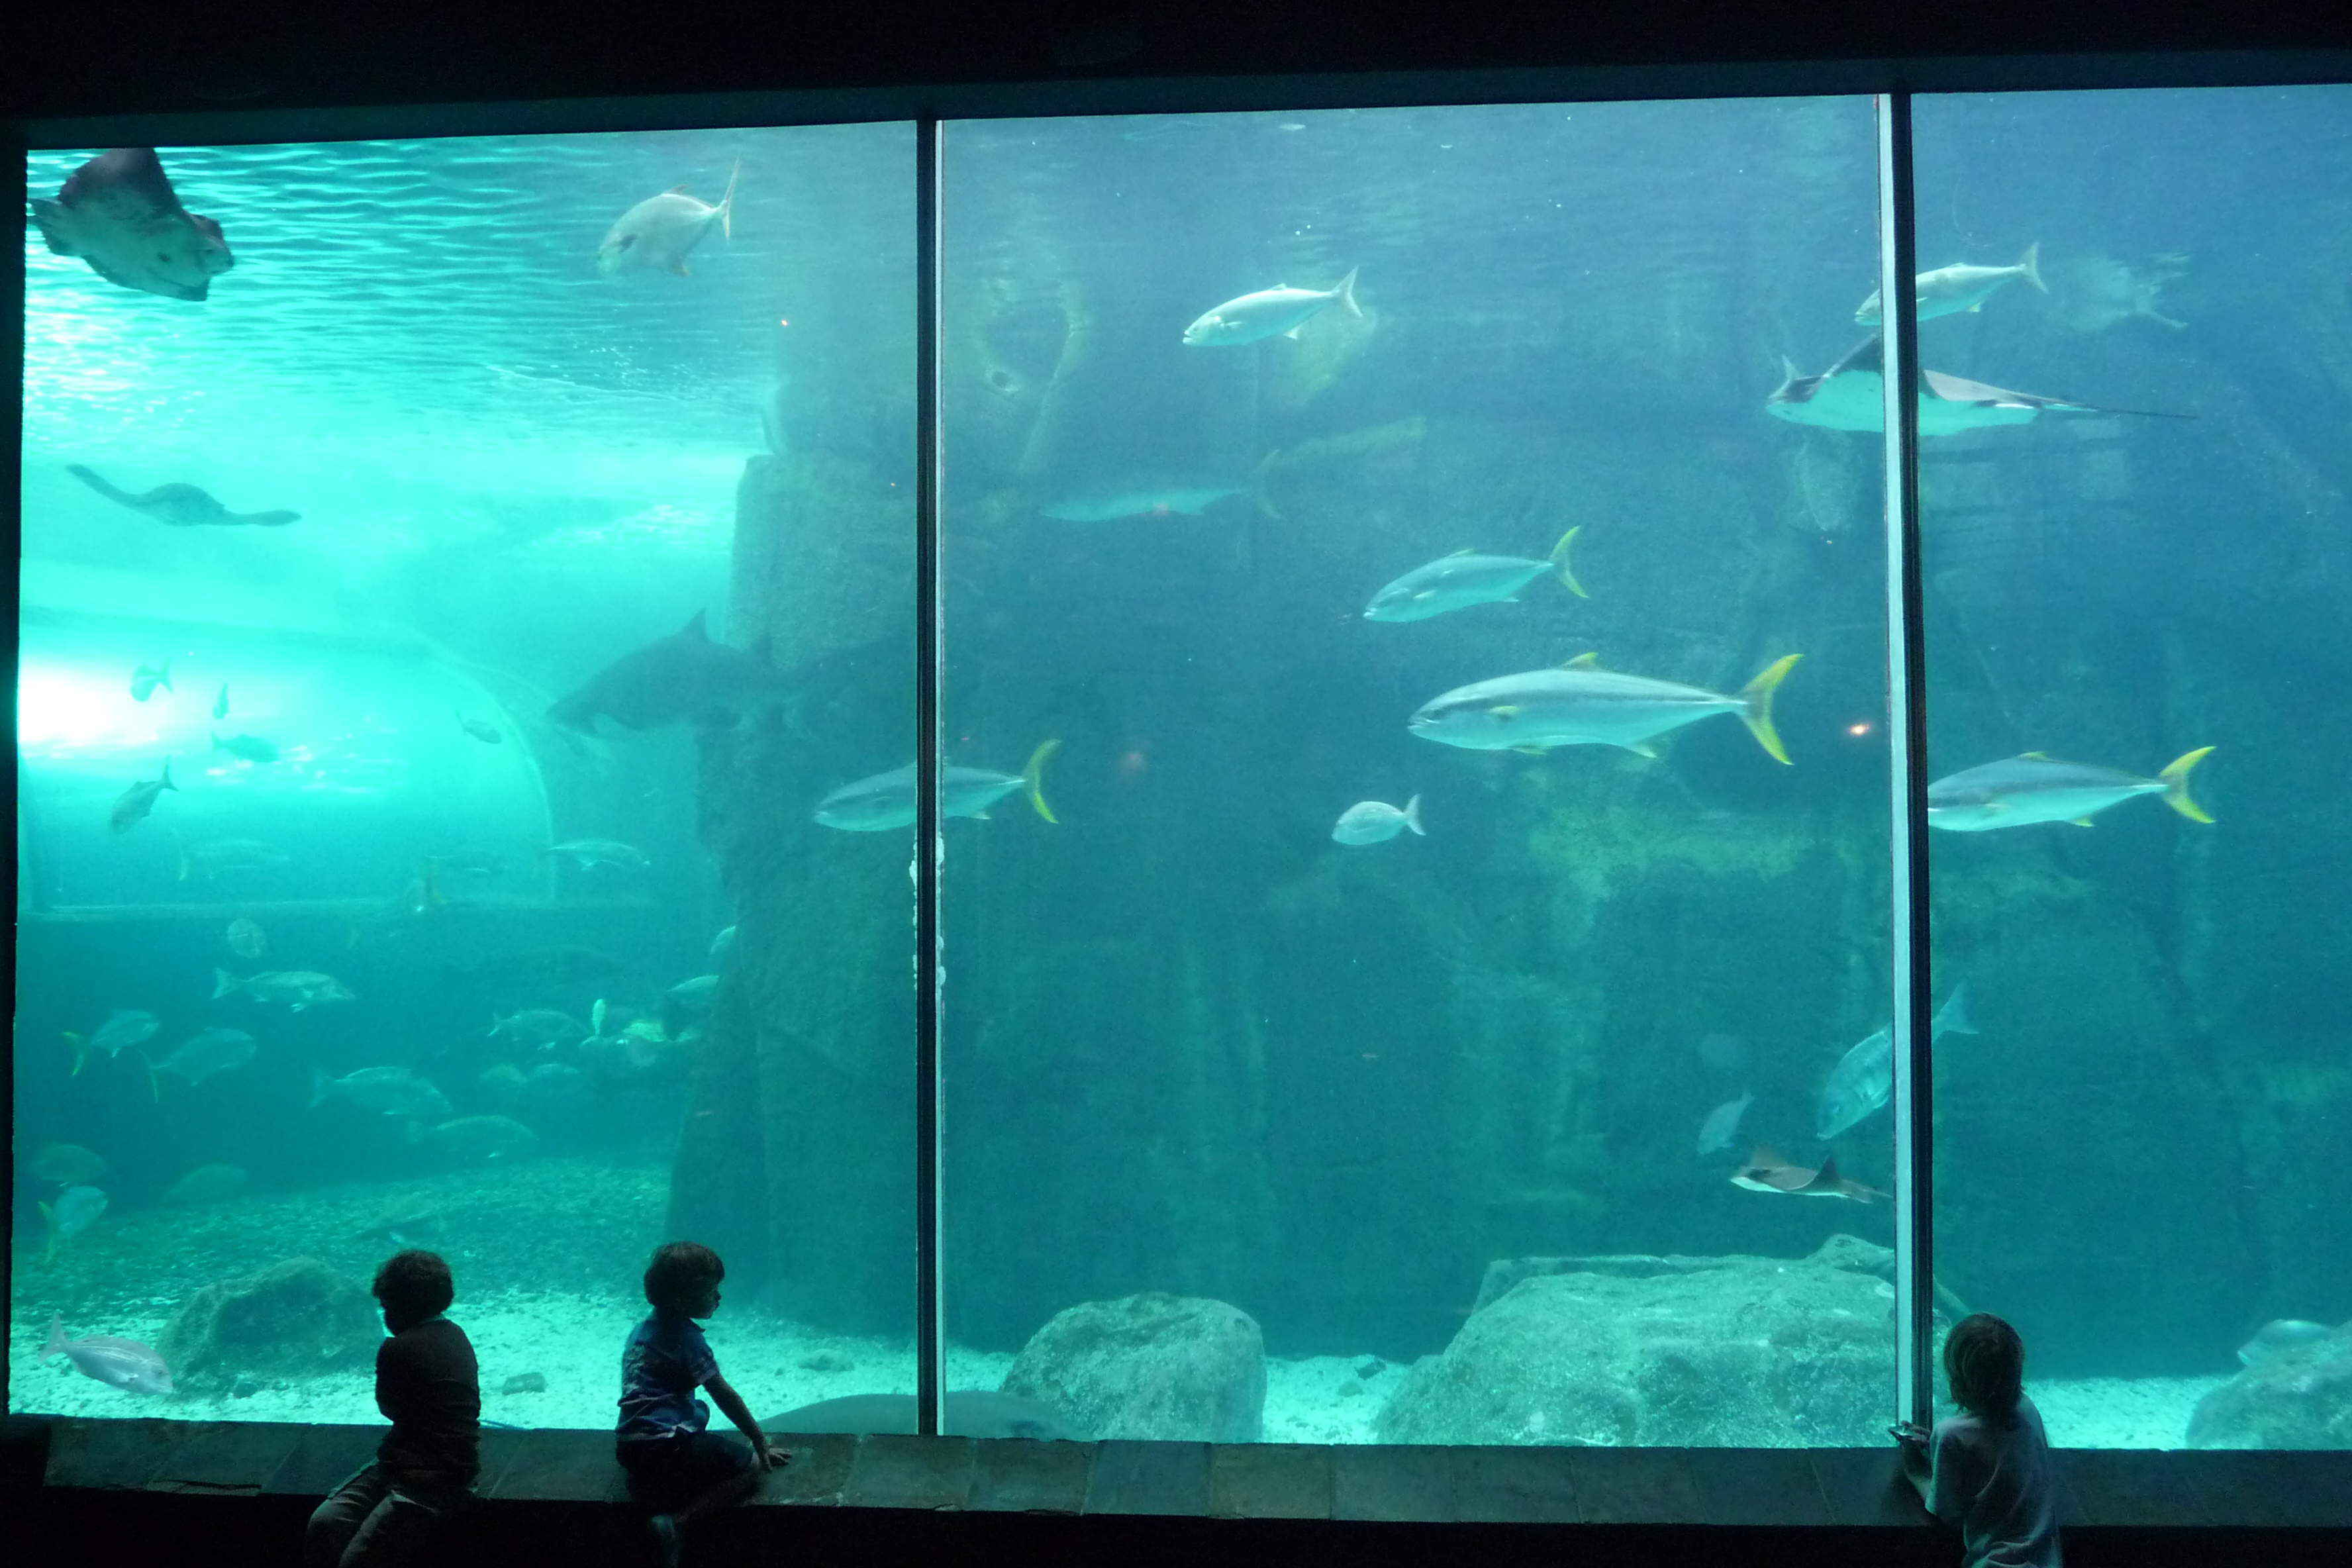 Freshwater aquarium fish cape town - Cape Town Aquarium Download Original Image